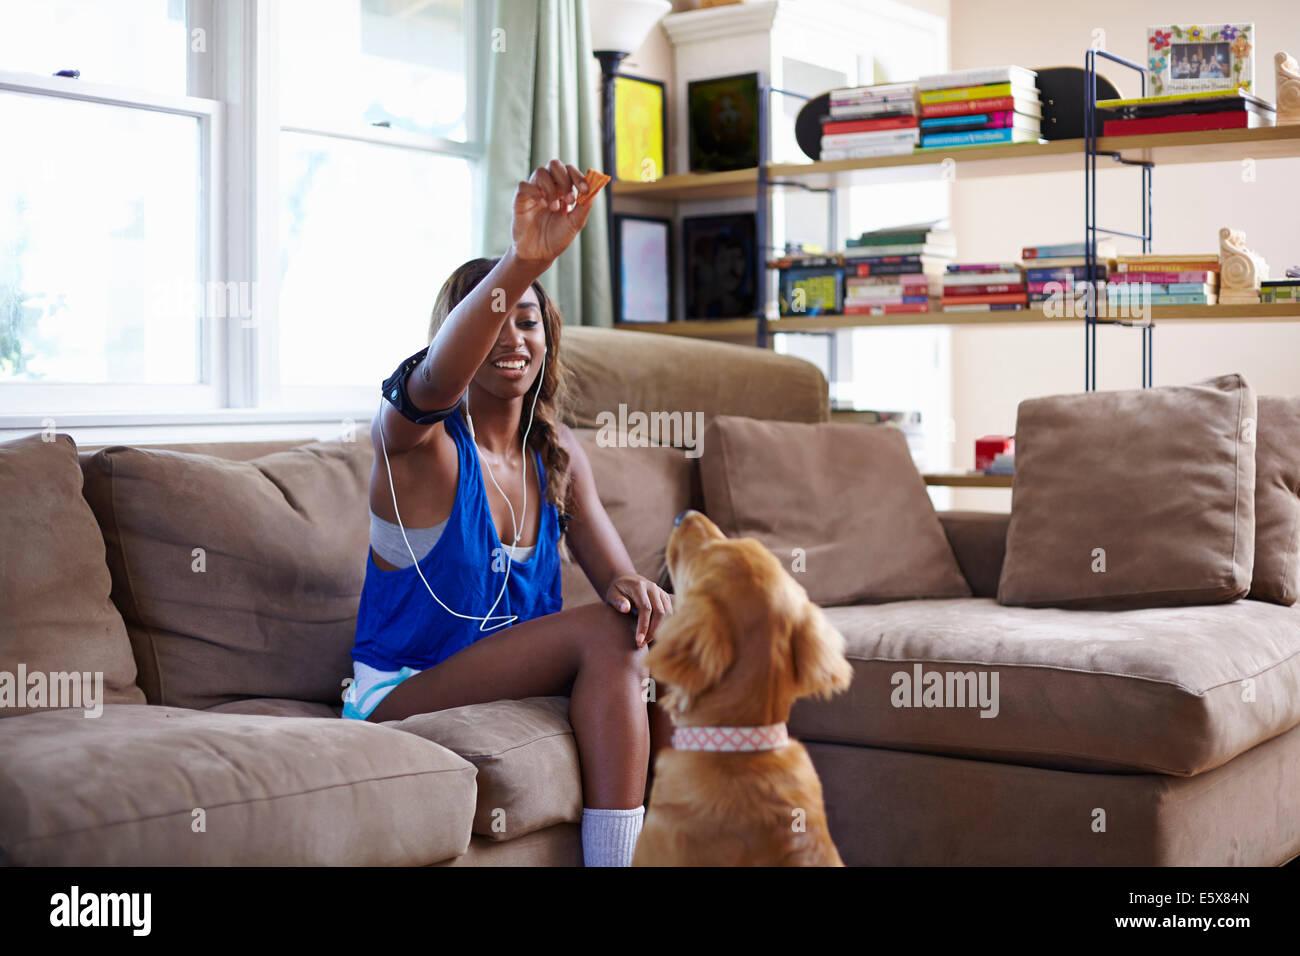 Giovane donna prendendo una pausa di formazione, tenendo in mano il biscotto per il cane in salotto Immagini Stock